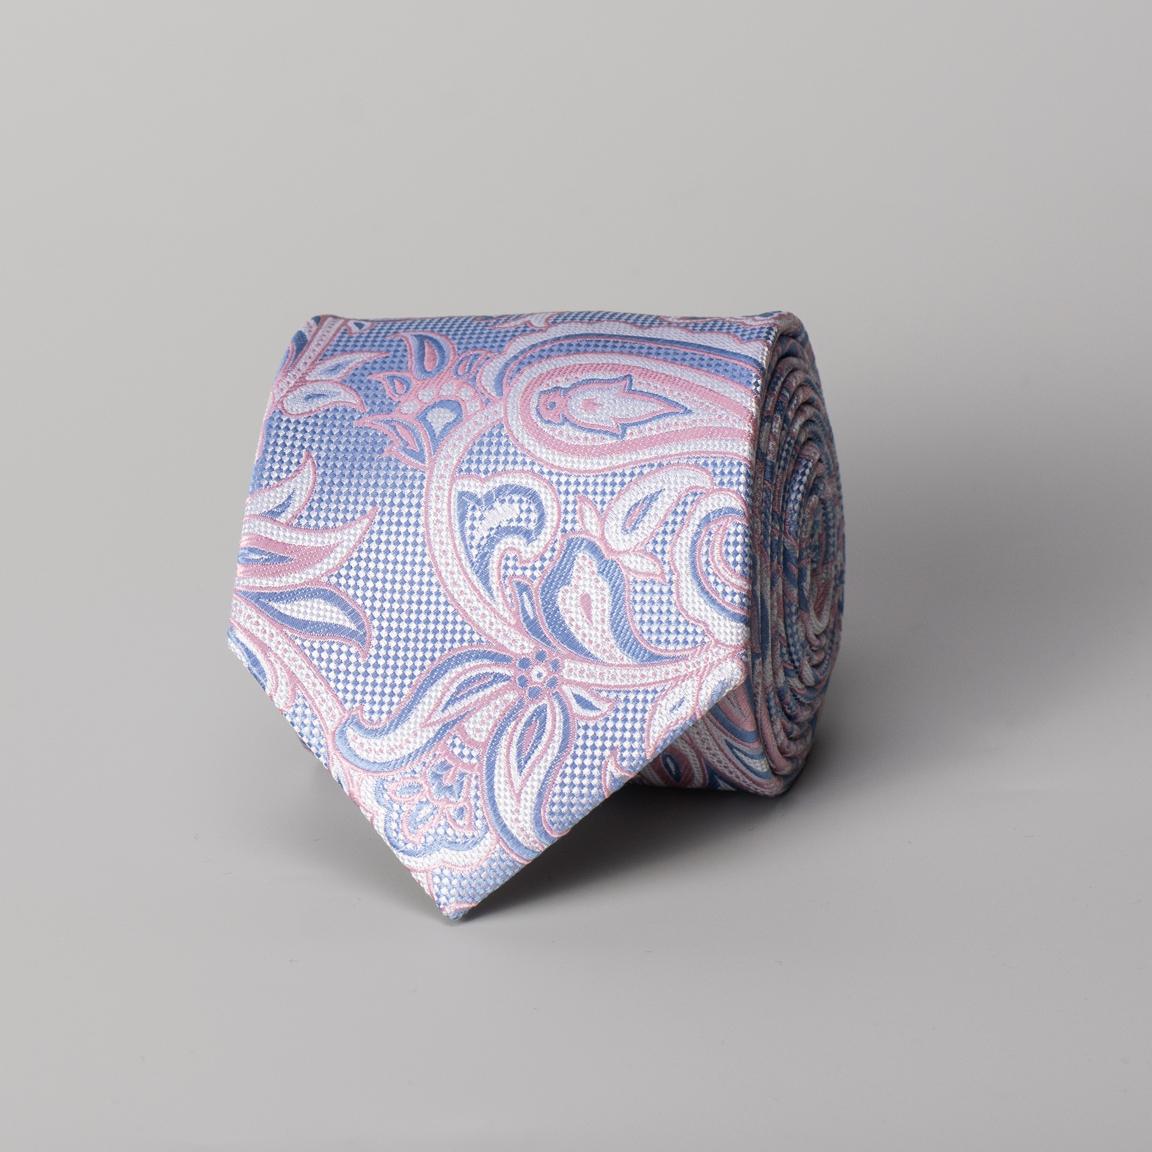 Vaaleanpunainen, paisley-kuvioitu silkkisolmio